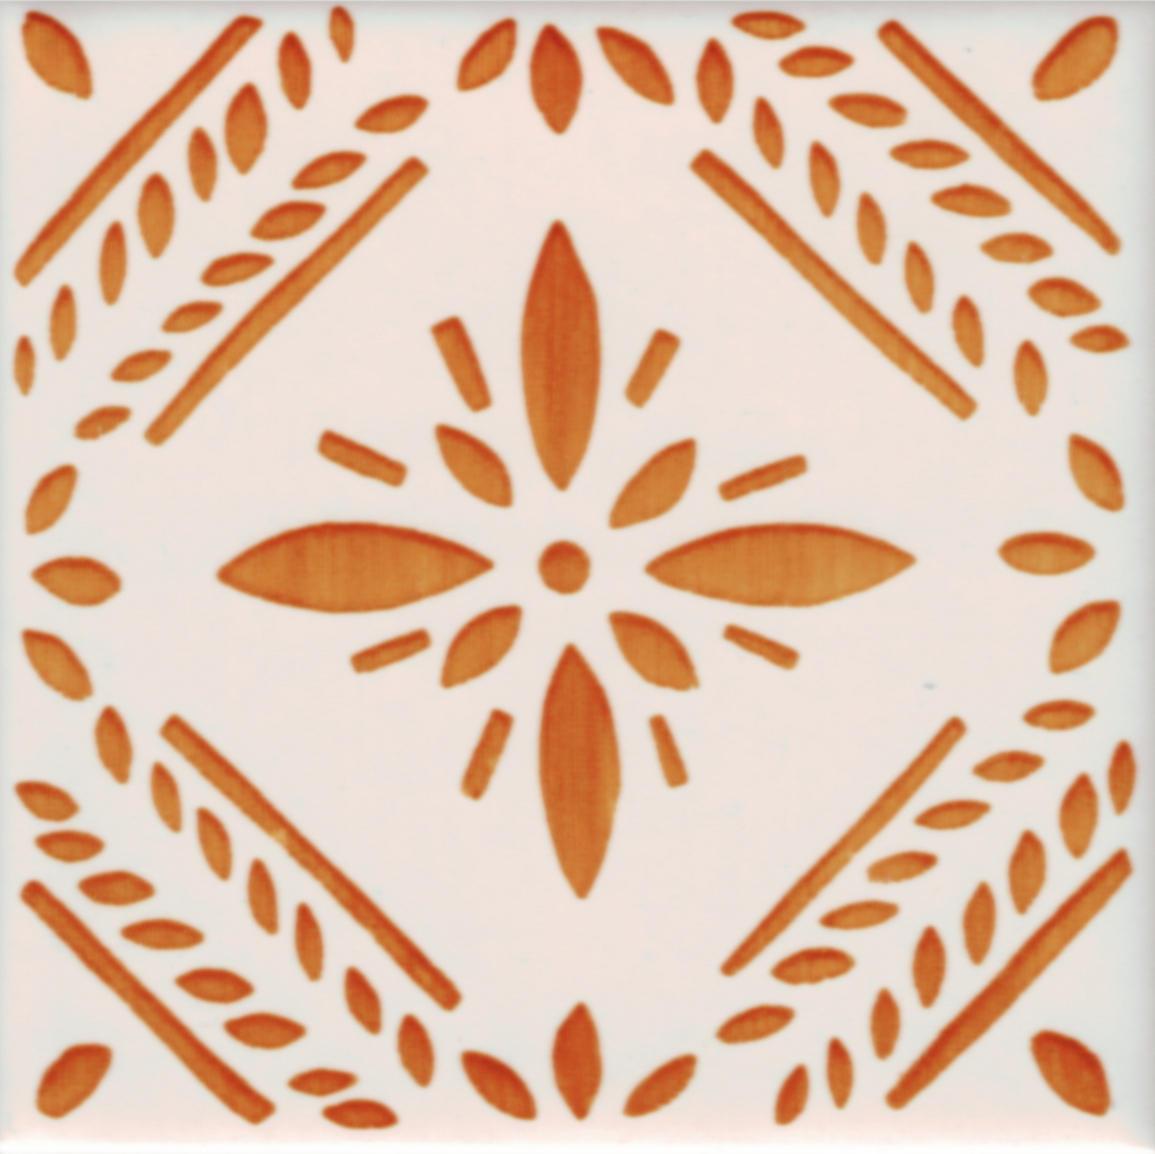 Lr siena ocra piastrelle mattonelle per pavimenti la riggiola architonic - La riggiola piastrelle ...